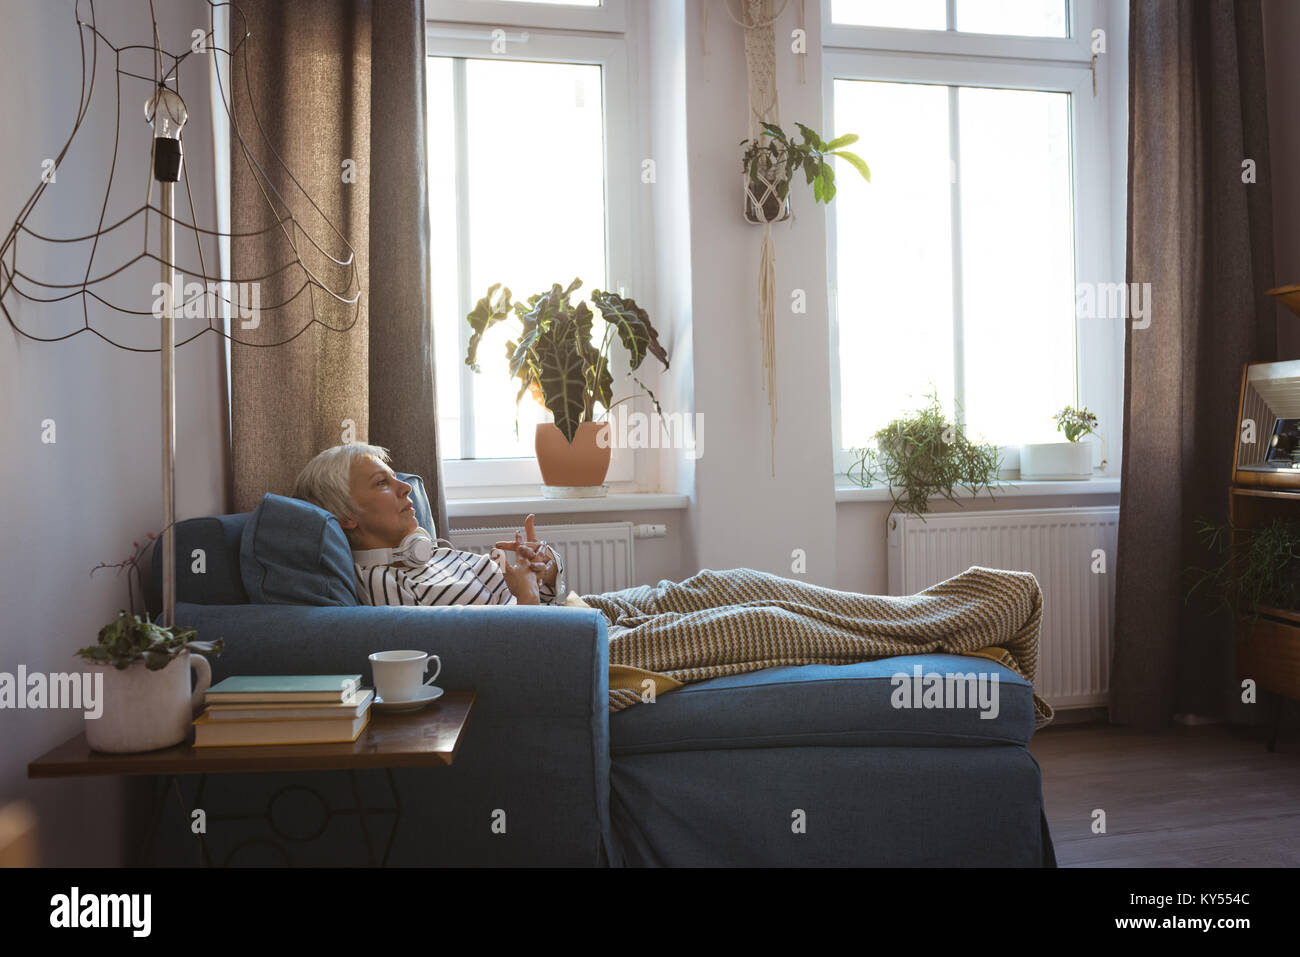 Mujer mayor relax en sofá cama en salón en casa Imagen De Stock